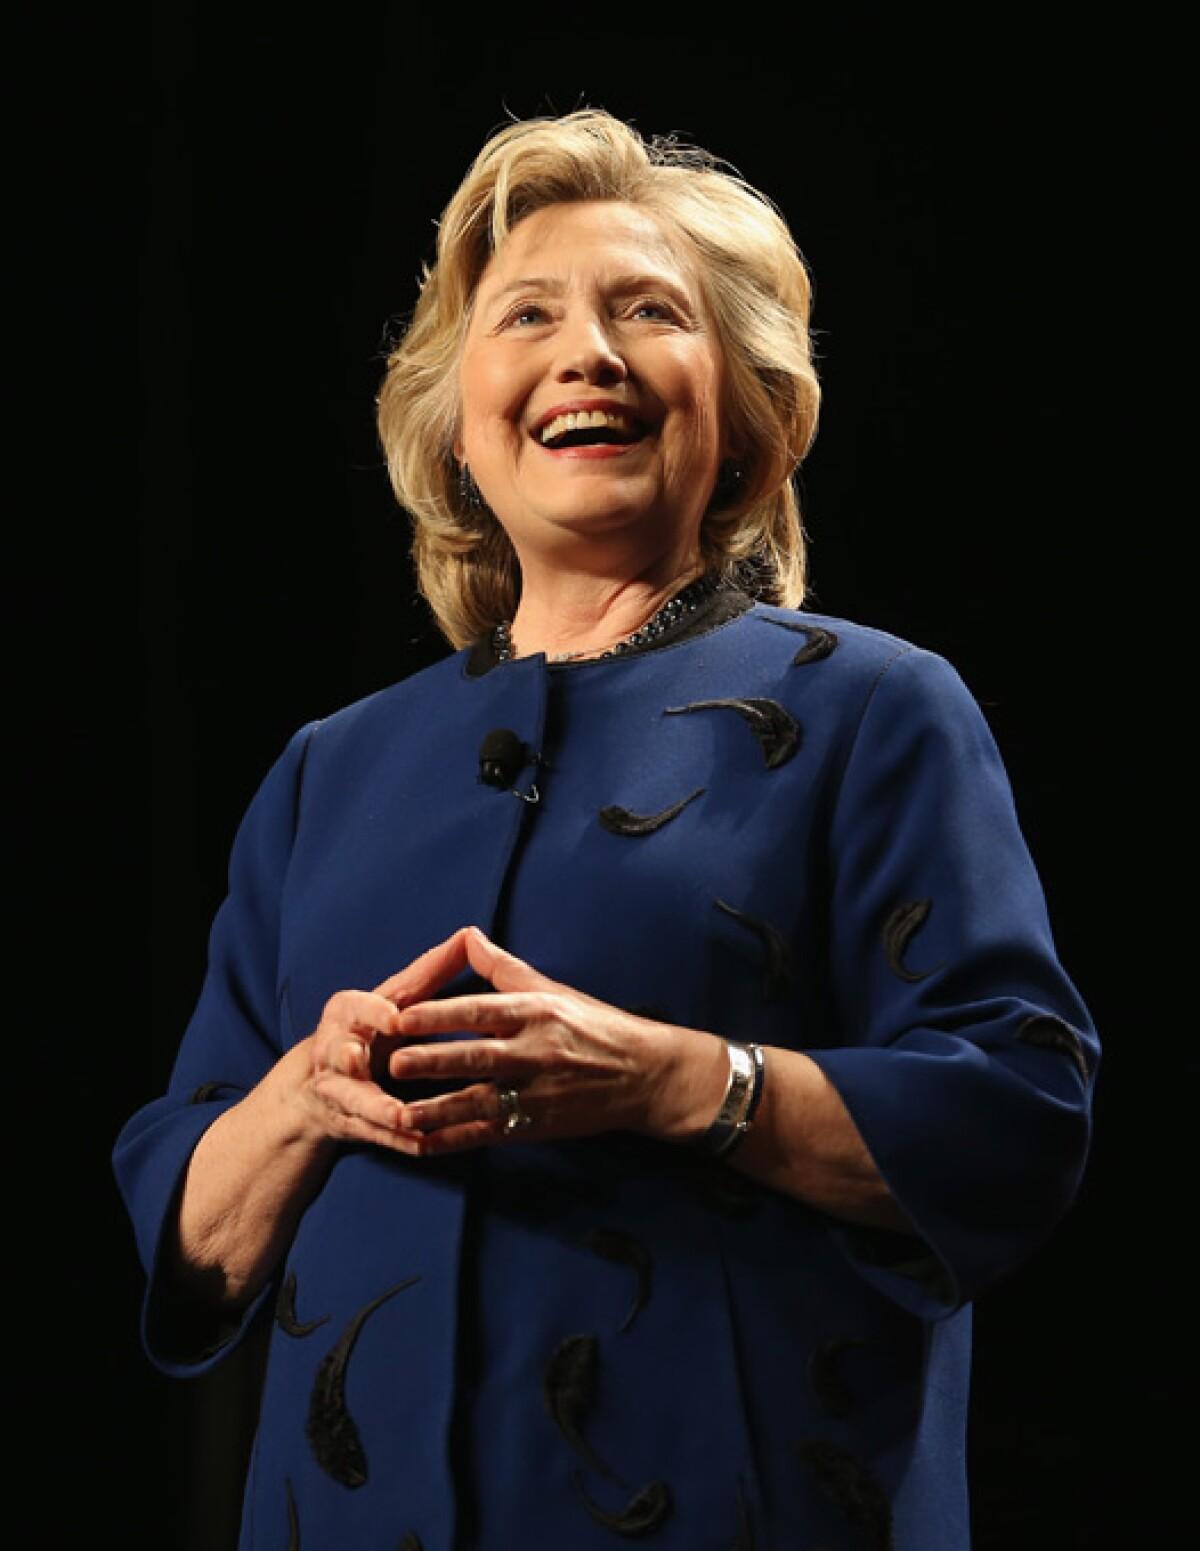 Estas son las celebridades que apoyan a Hillary Clinton